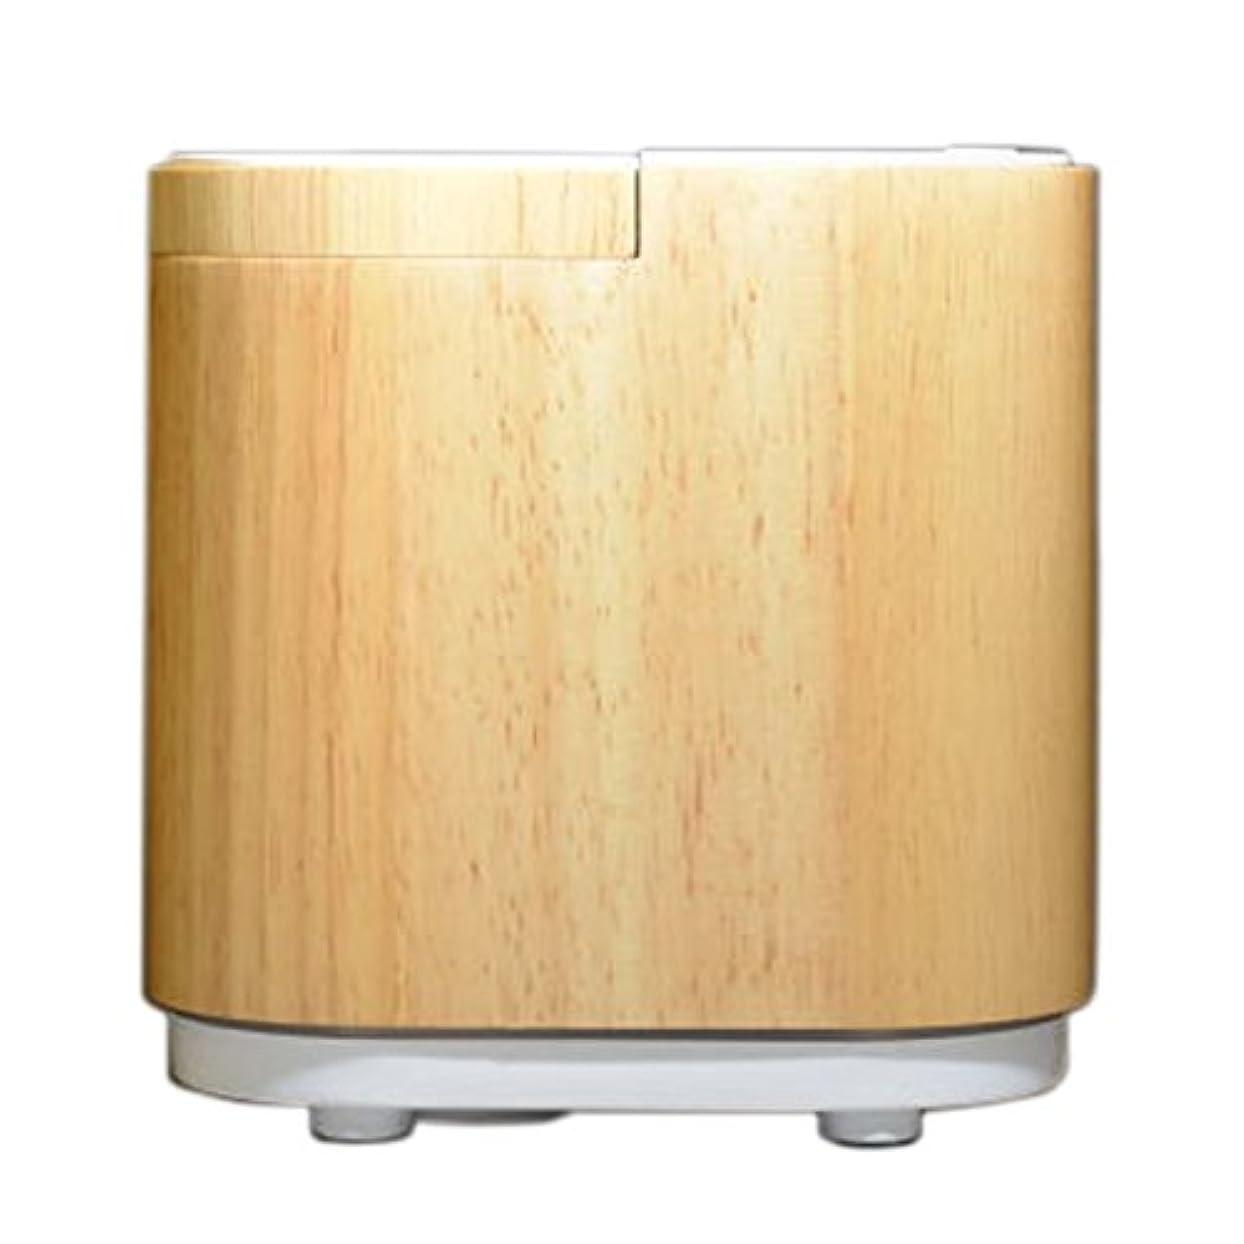 連想パーツ推進力生活の木 アロモアウッド [aromore] エッセンシャルオイルディフューザー アロマディフューザー